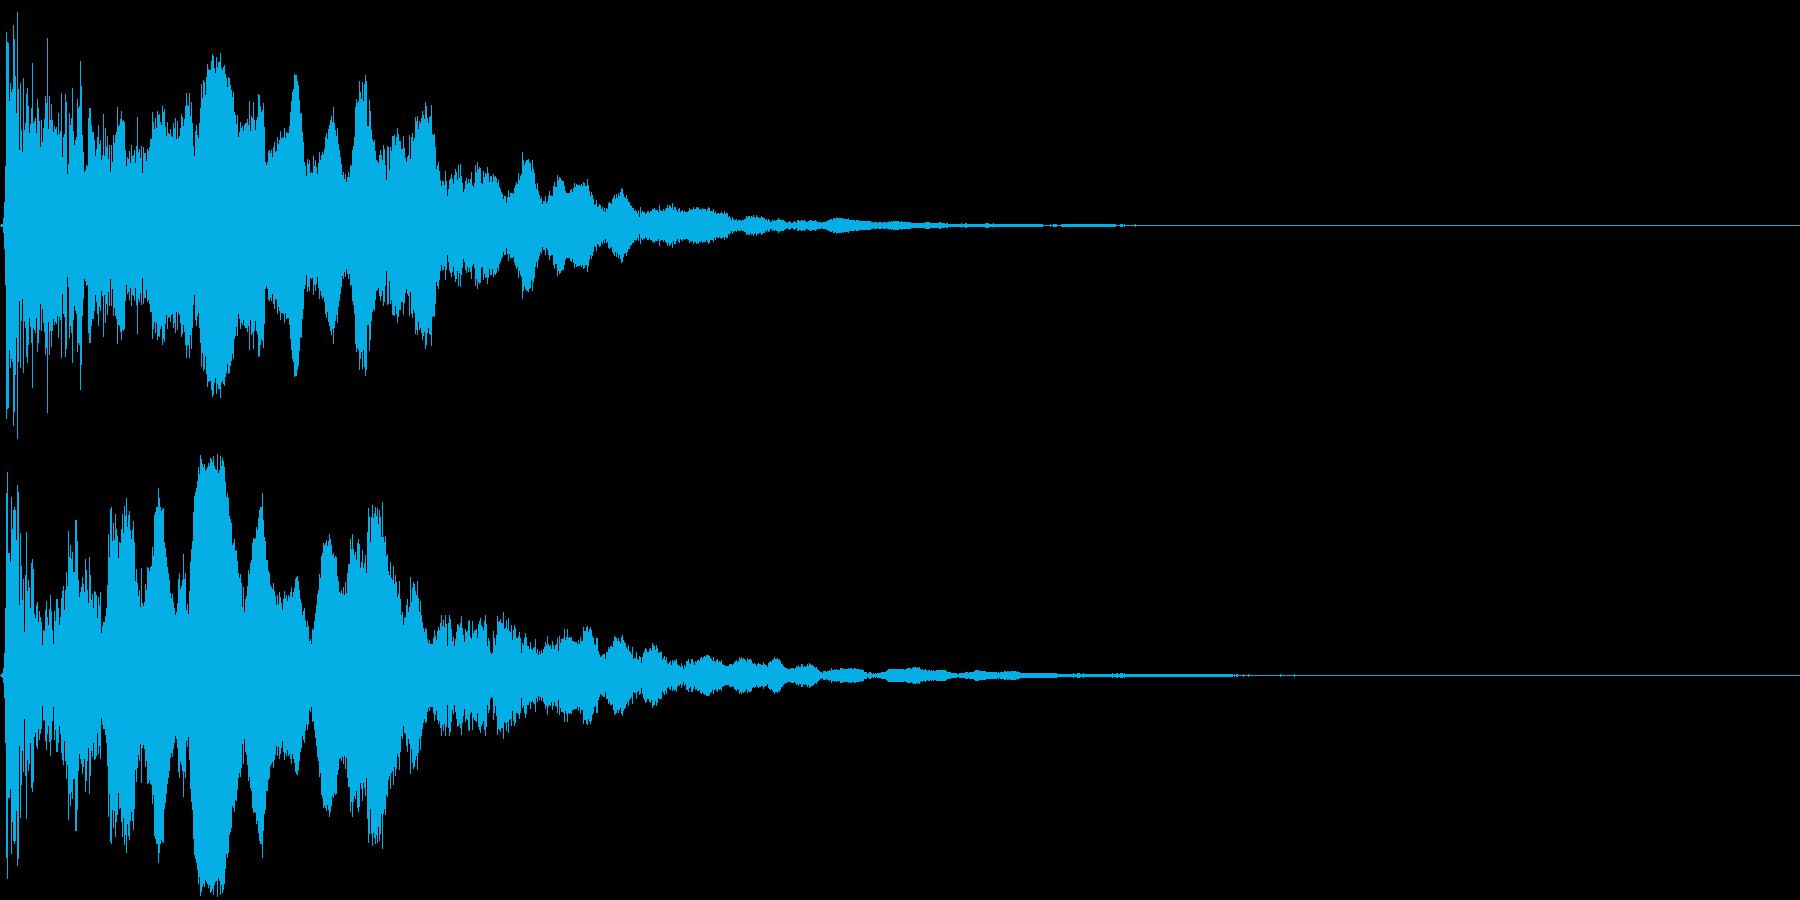 【和】笛の音が印象的な場面転換の再生済みの波形